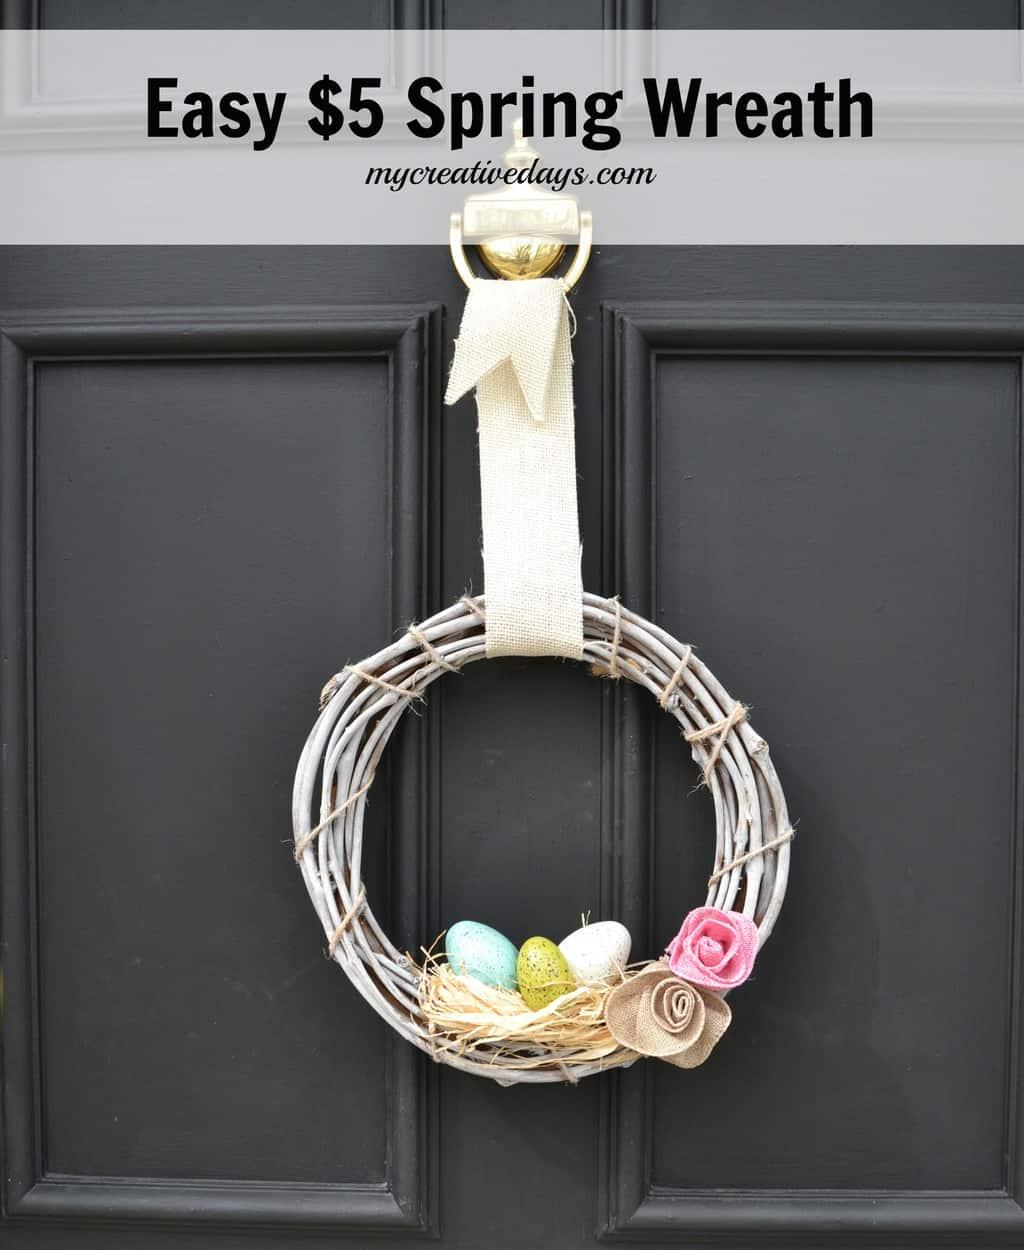 Easy $5 Spring Wreath mycreativedays.com